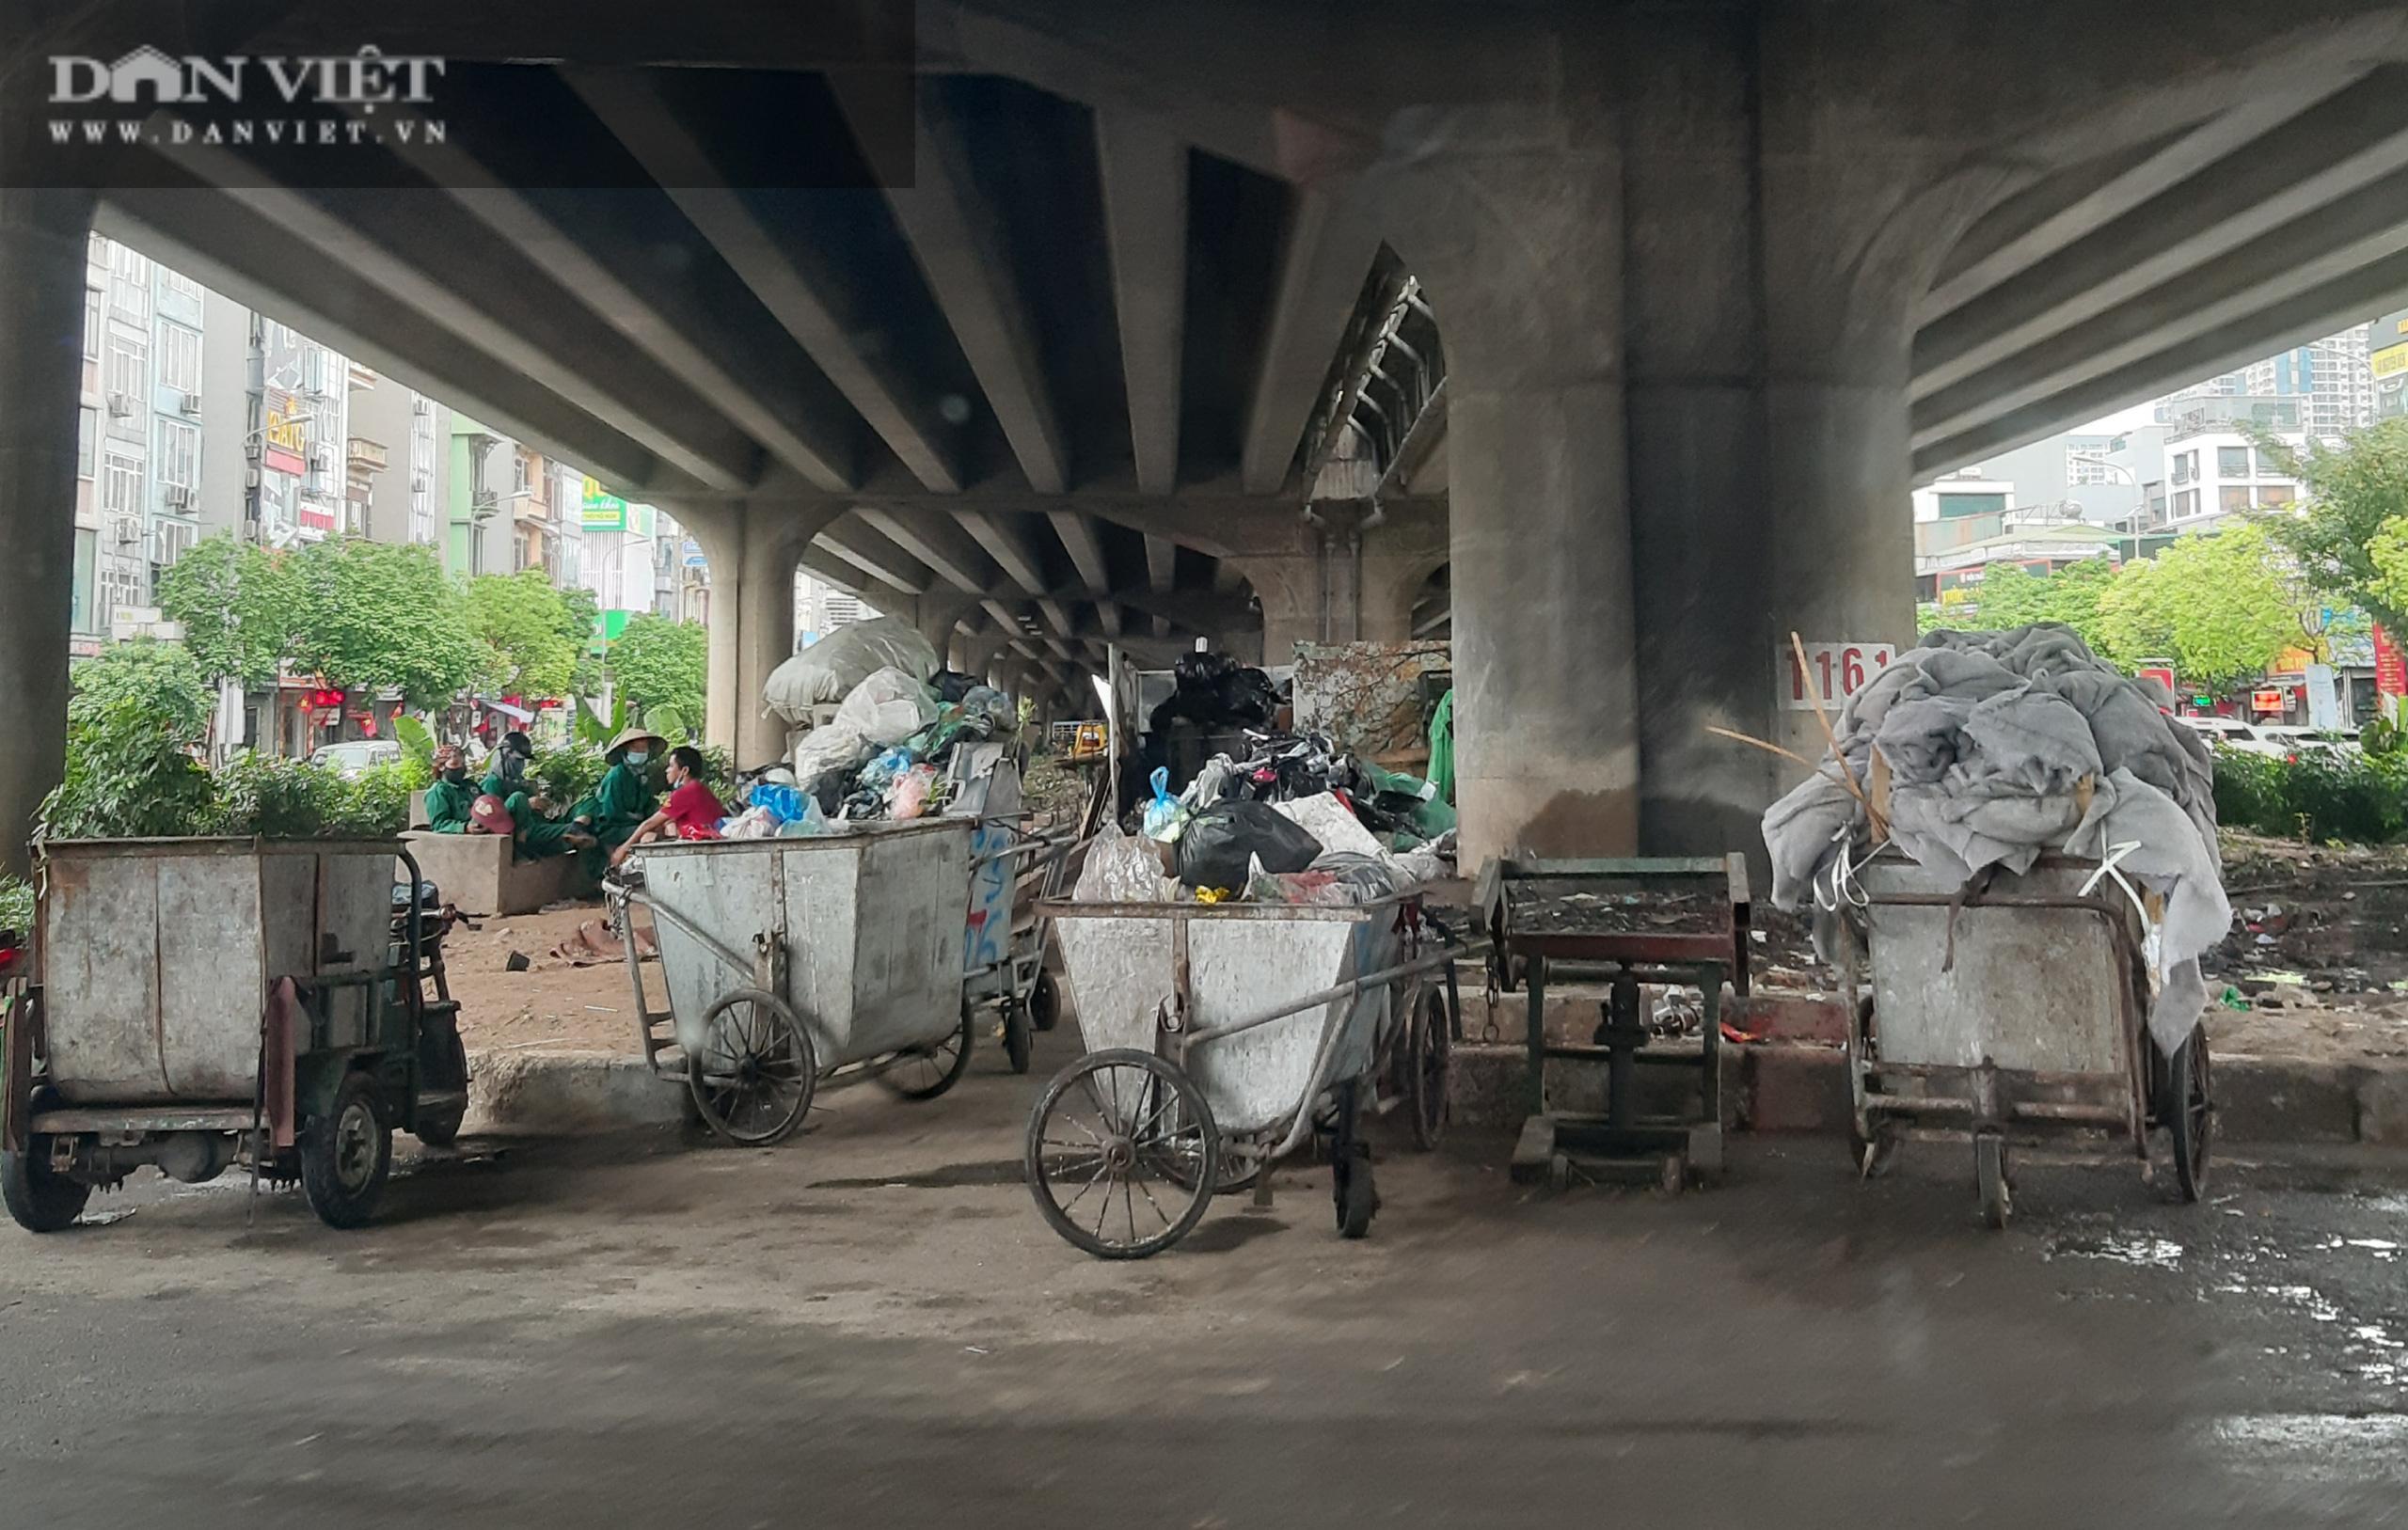 Bài 2: Tràn lan hình ảnh gây ô nhiễm của các công ty bảo vệ môi trường giữa thủ đô - Ảnh 18.